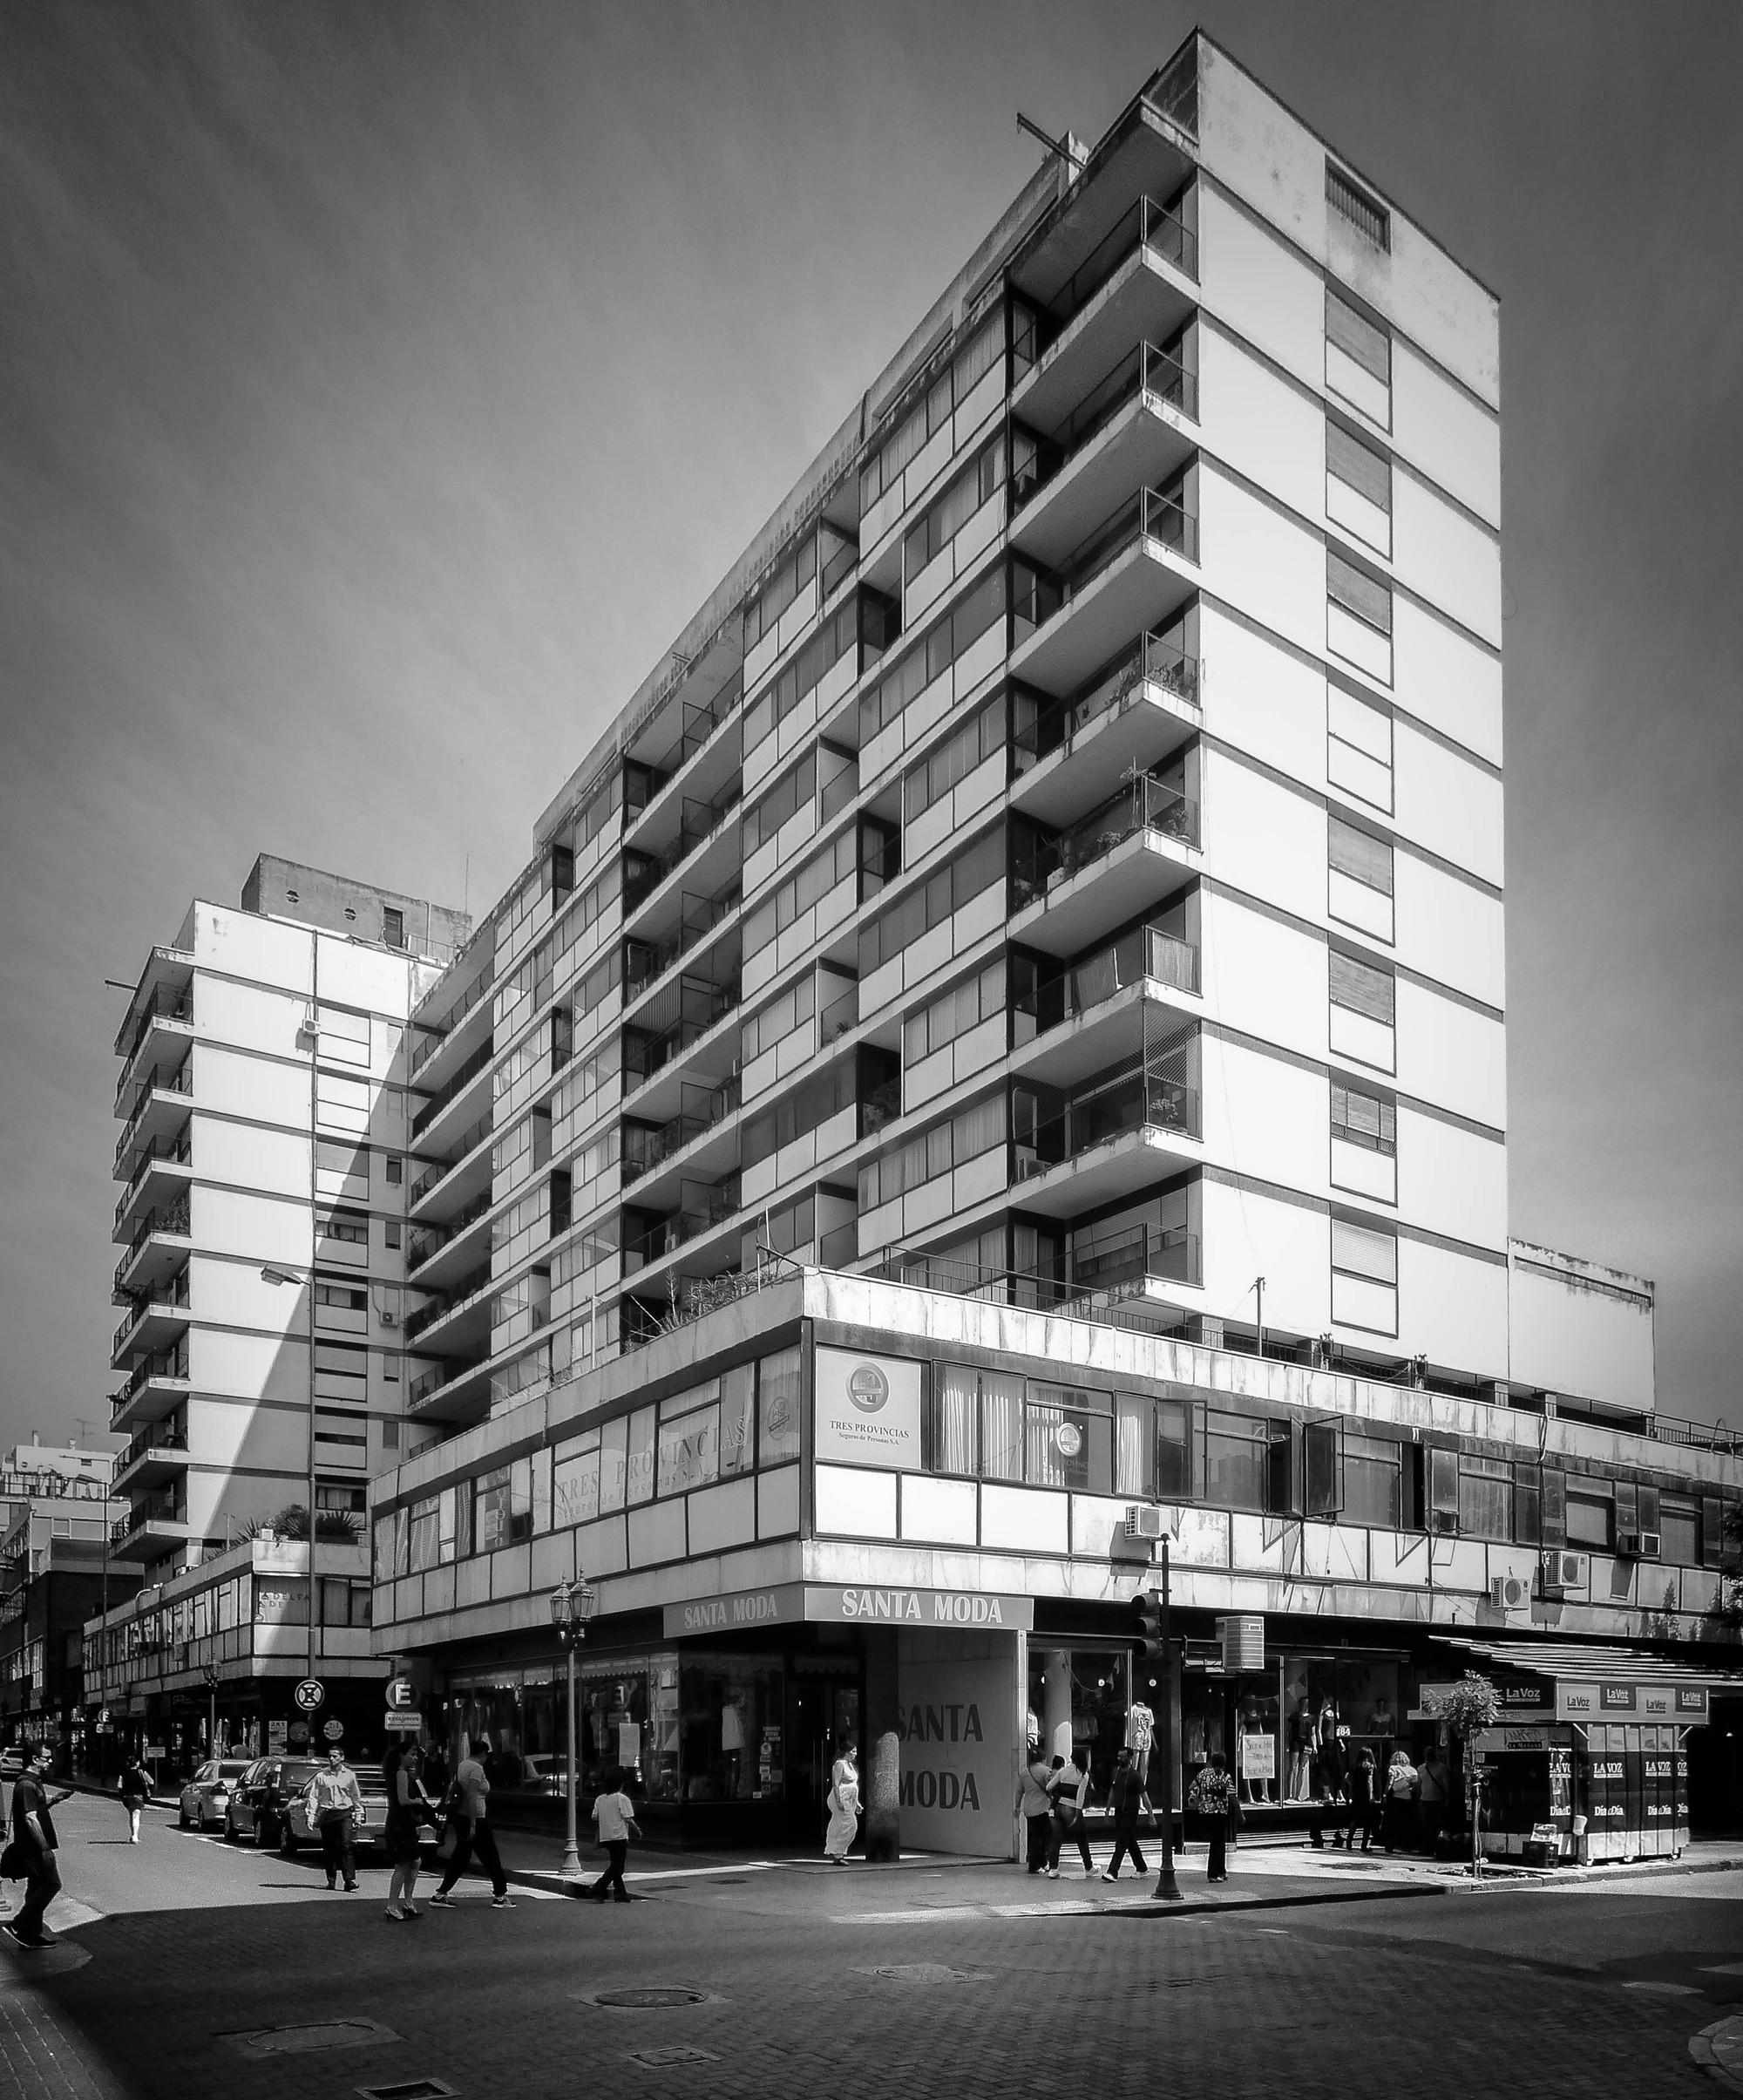 Galer a de cl sicos de arquitectura edificio y galer a for Arquitectura que se estudia